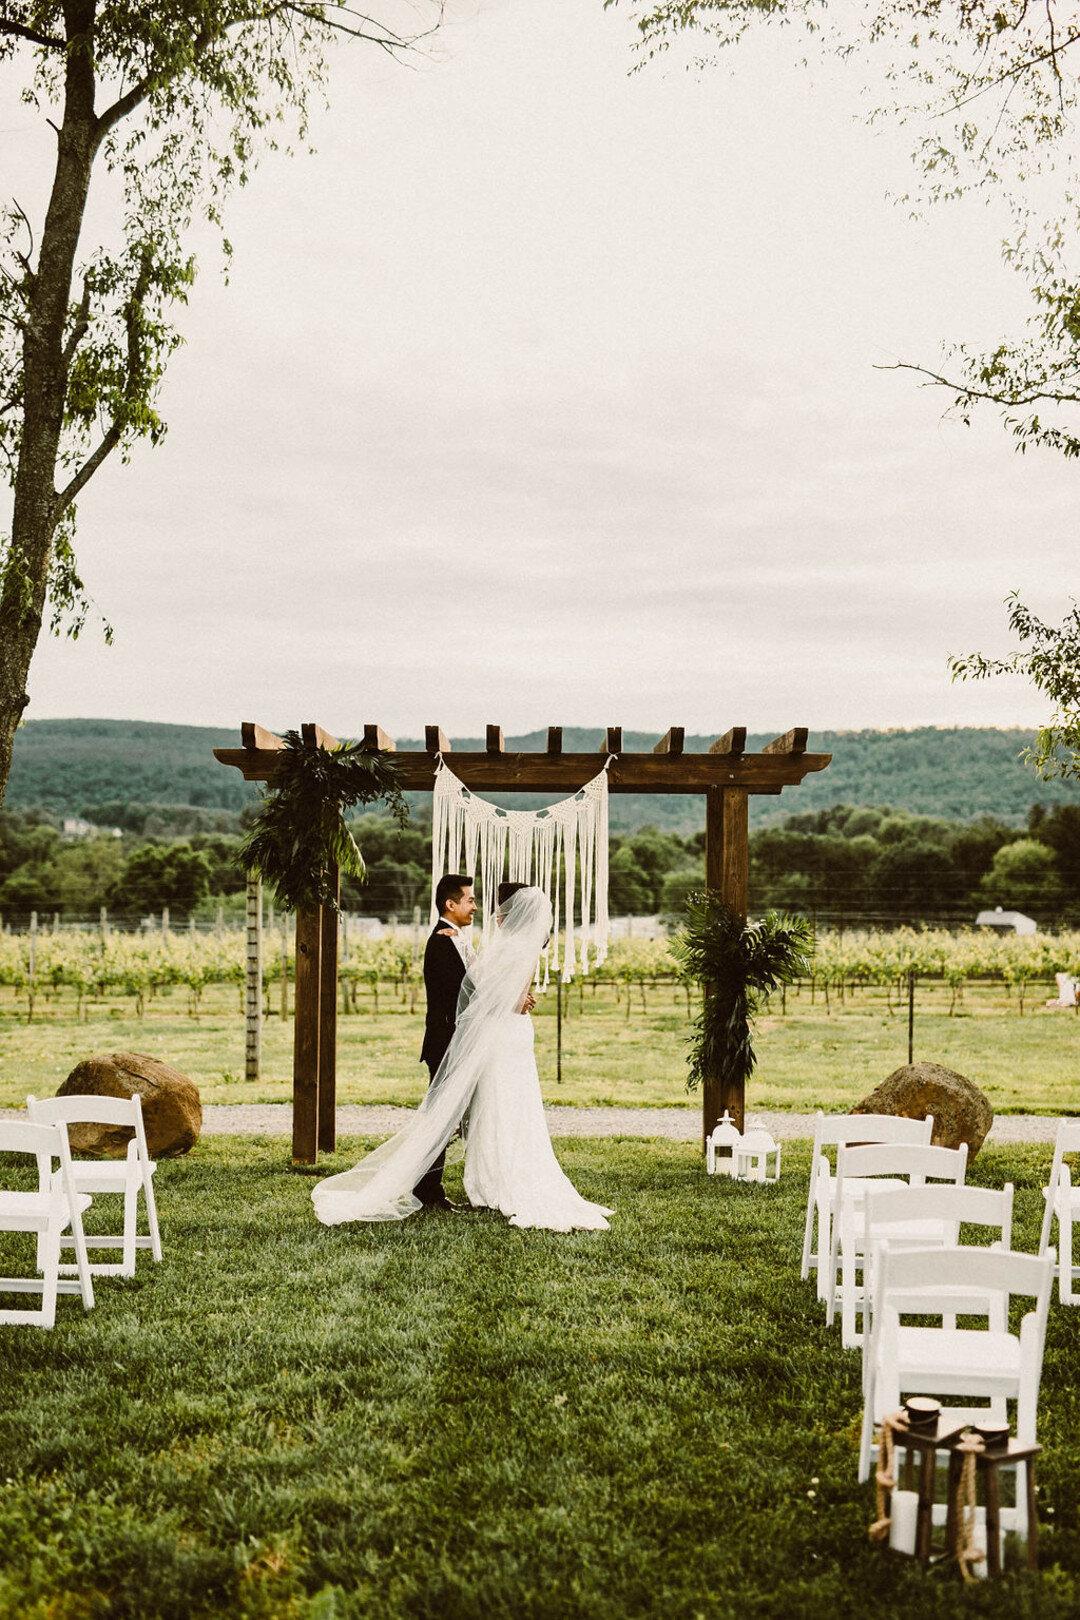 Outdoor vineyard wedding design